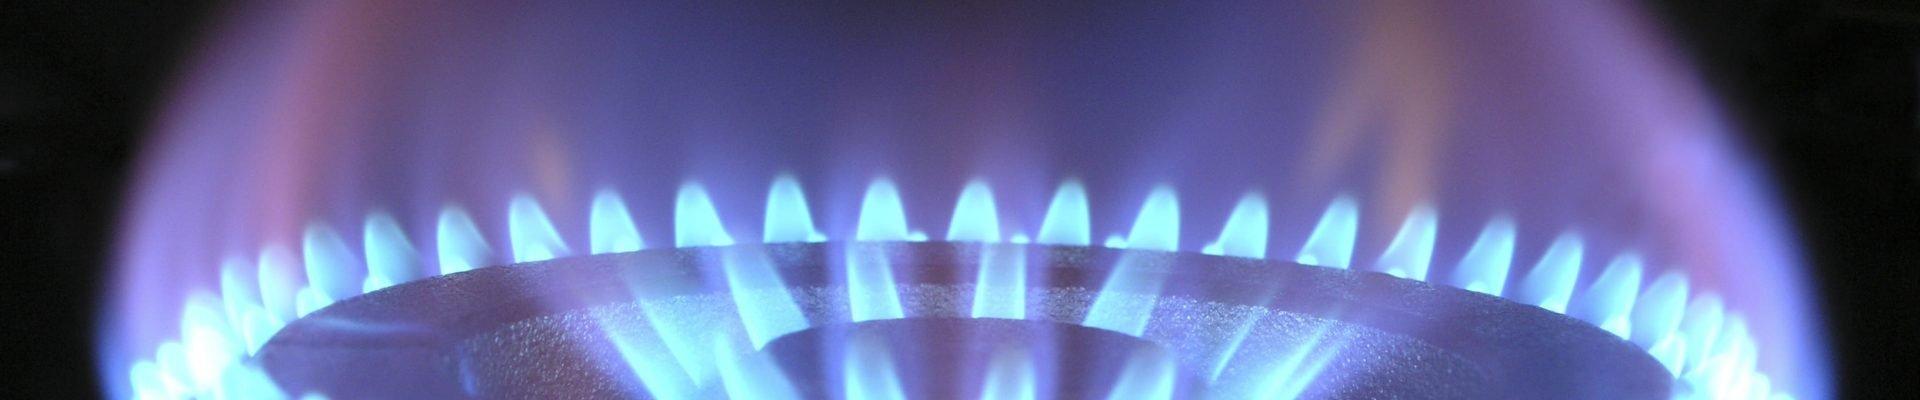 Allaccio gas: prezzi, sopralluogo, tempi tecnici e subentro con Wekiwi